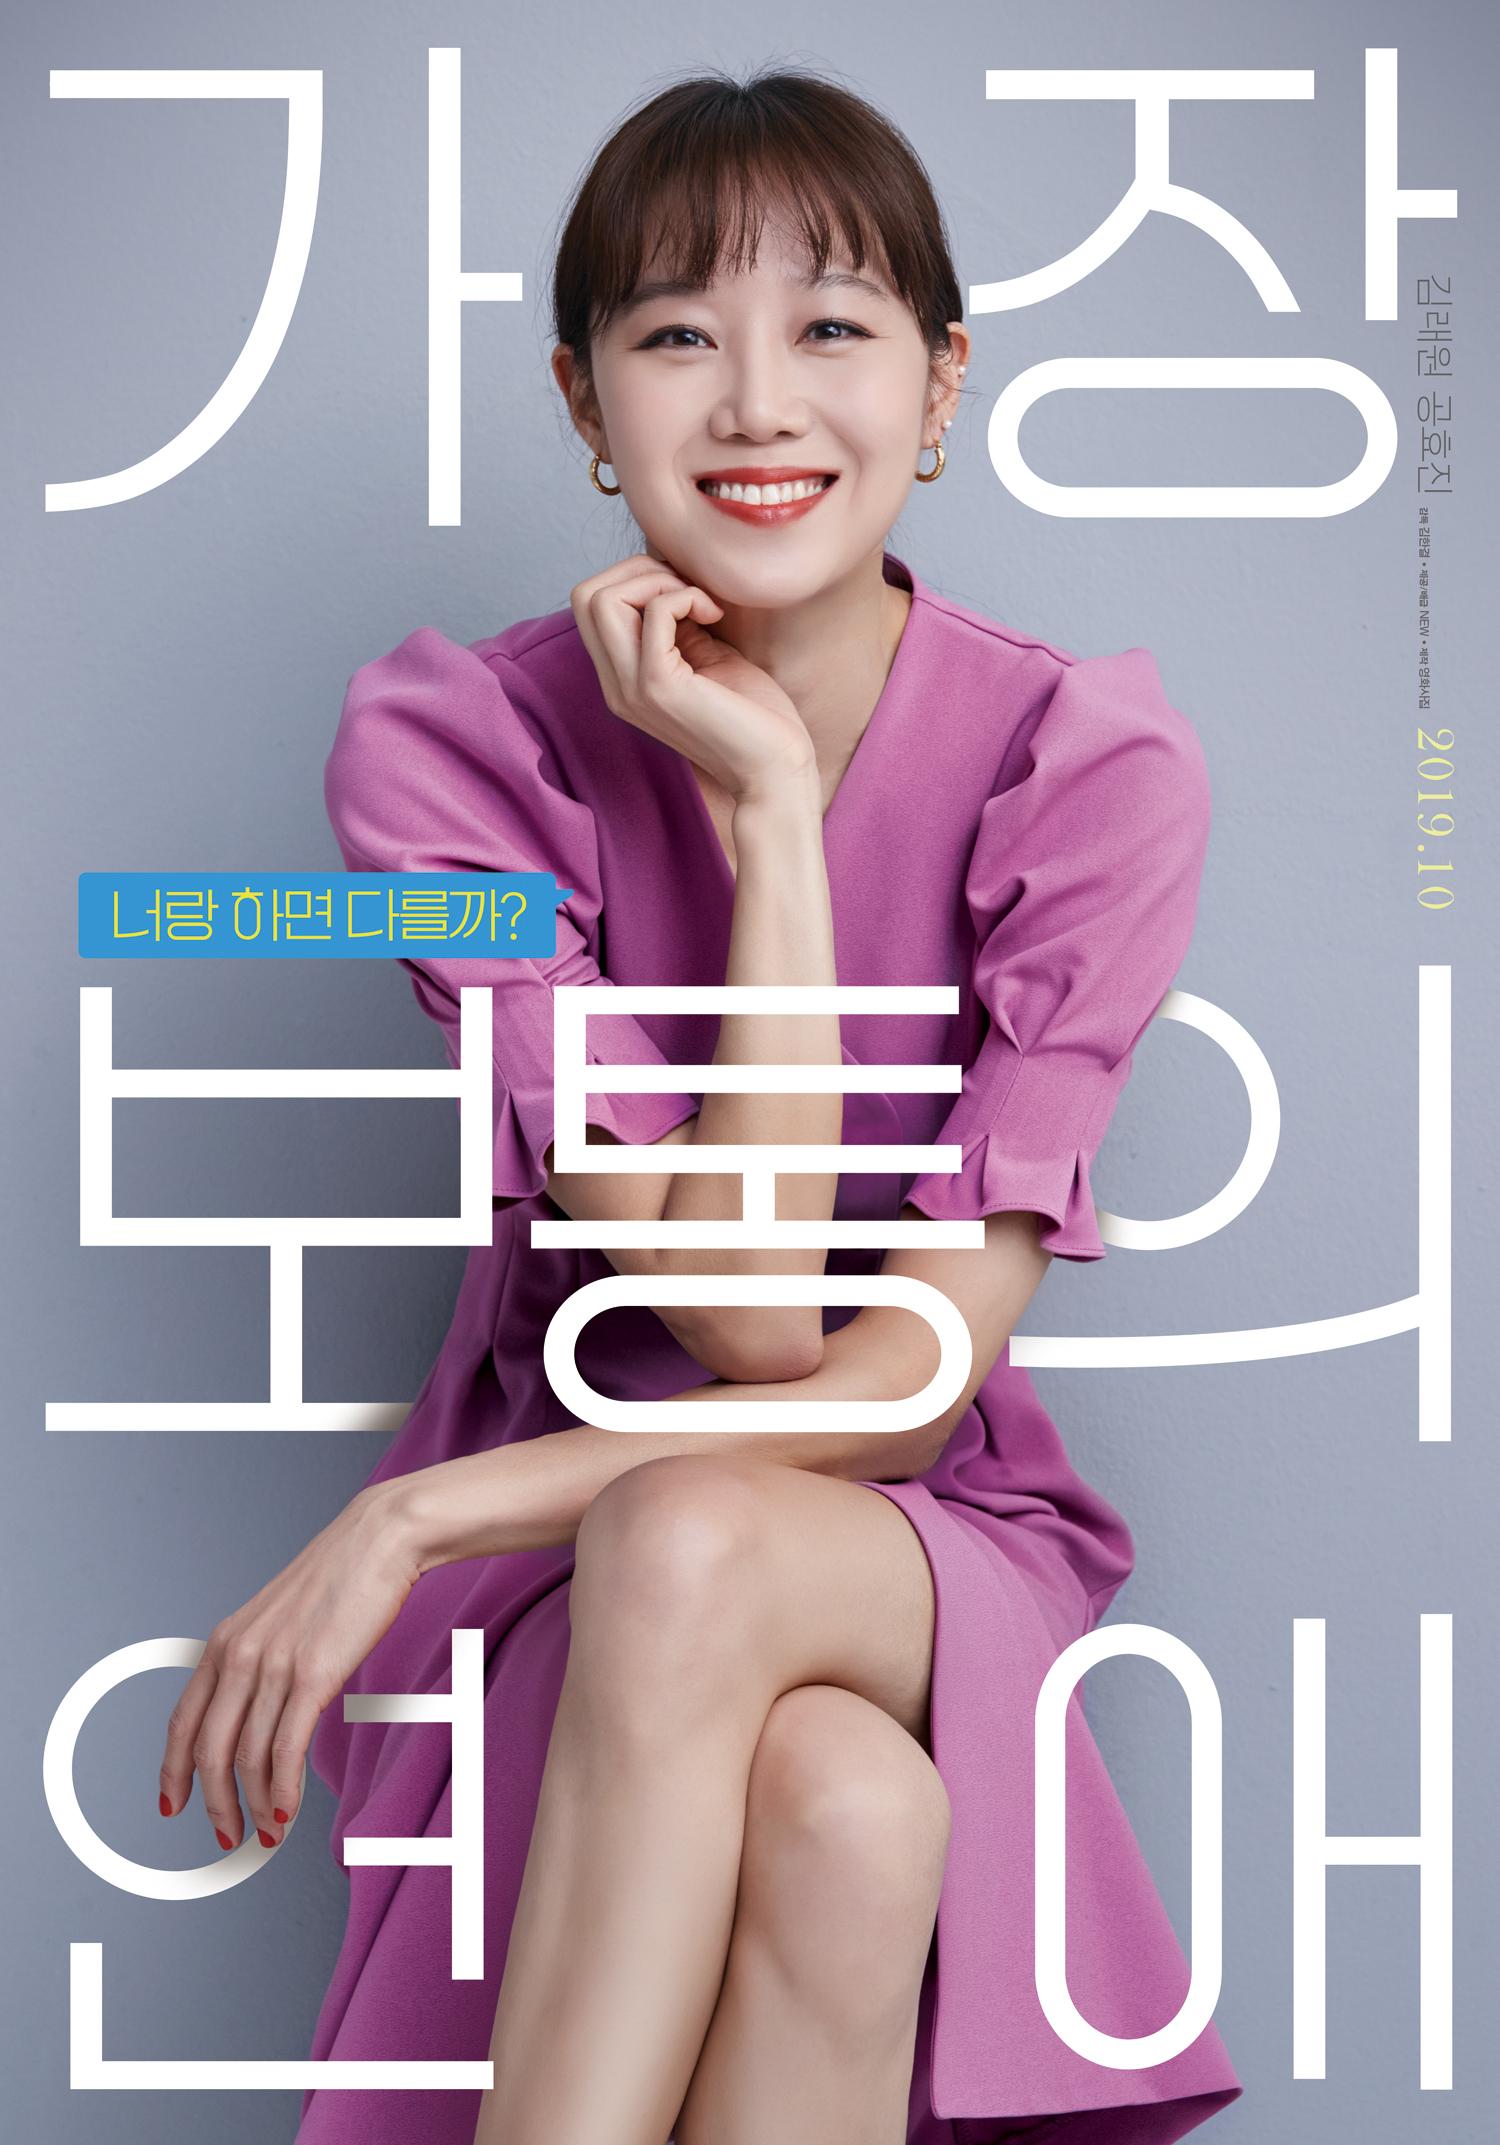 金来沅&孔晓振现实爱情电影 《最普通的的恋爱》确定10月初上映